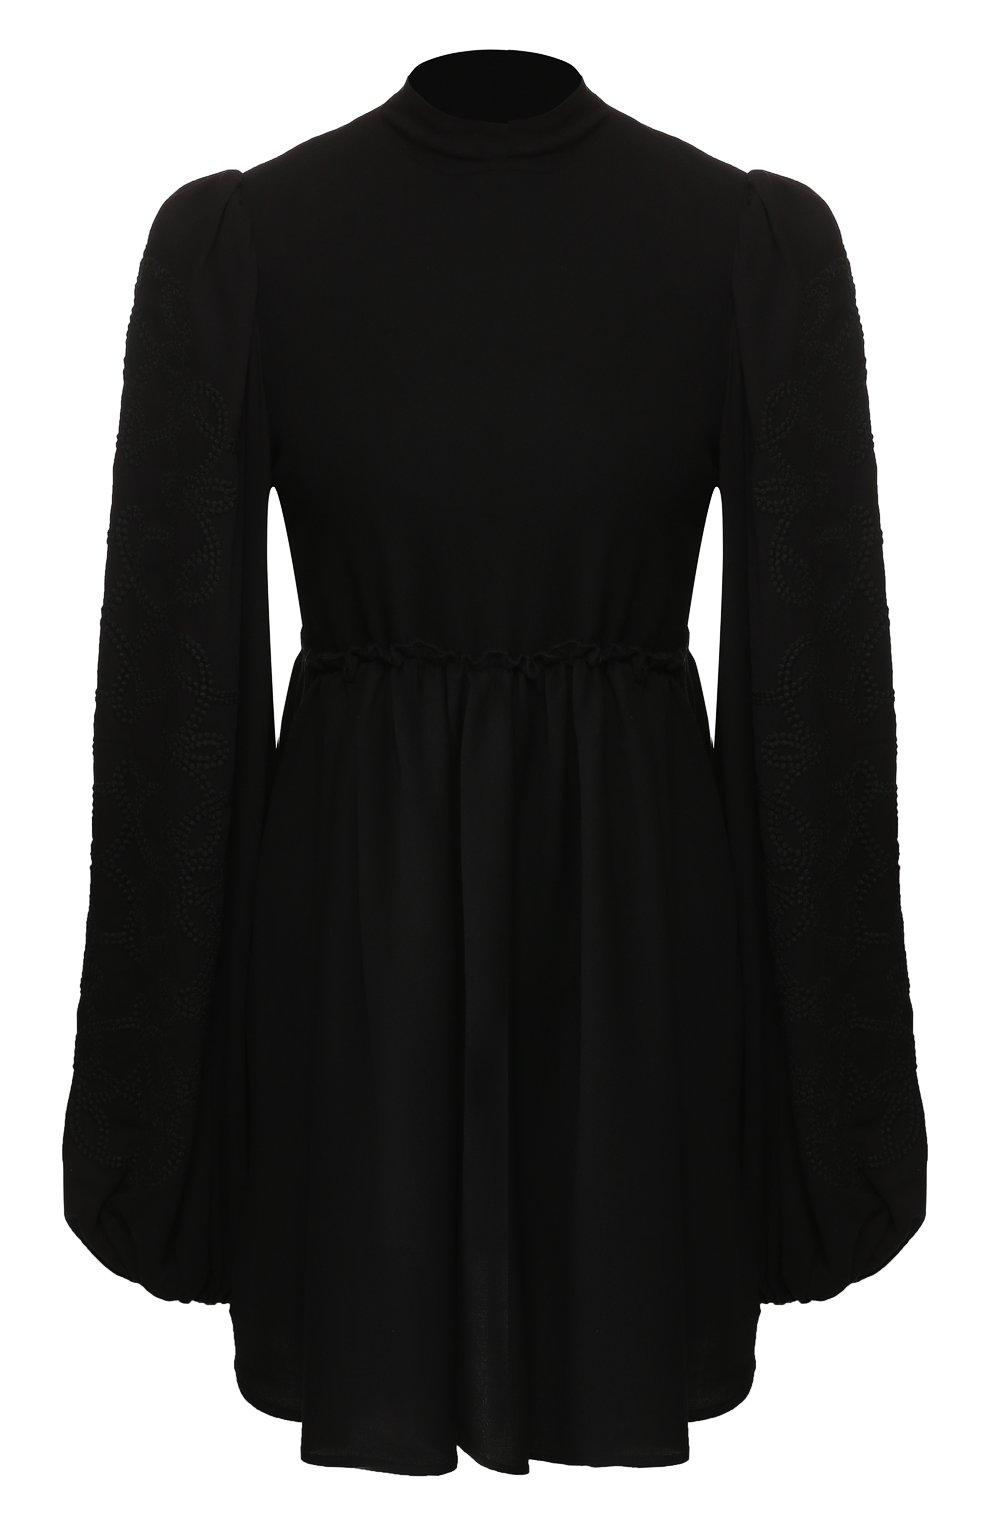 Женское платье из смеси вискозы и шерсти WANDERING черного цвета, арт. WGW19411 | Фото 1